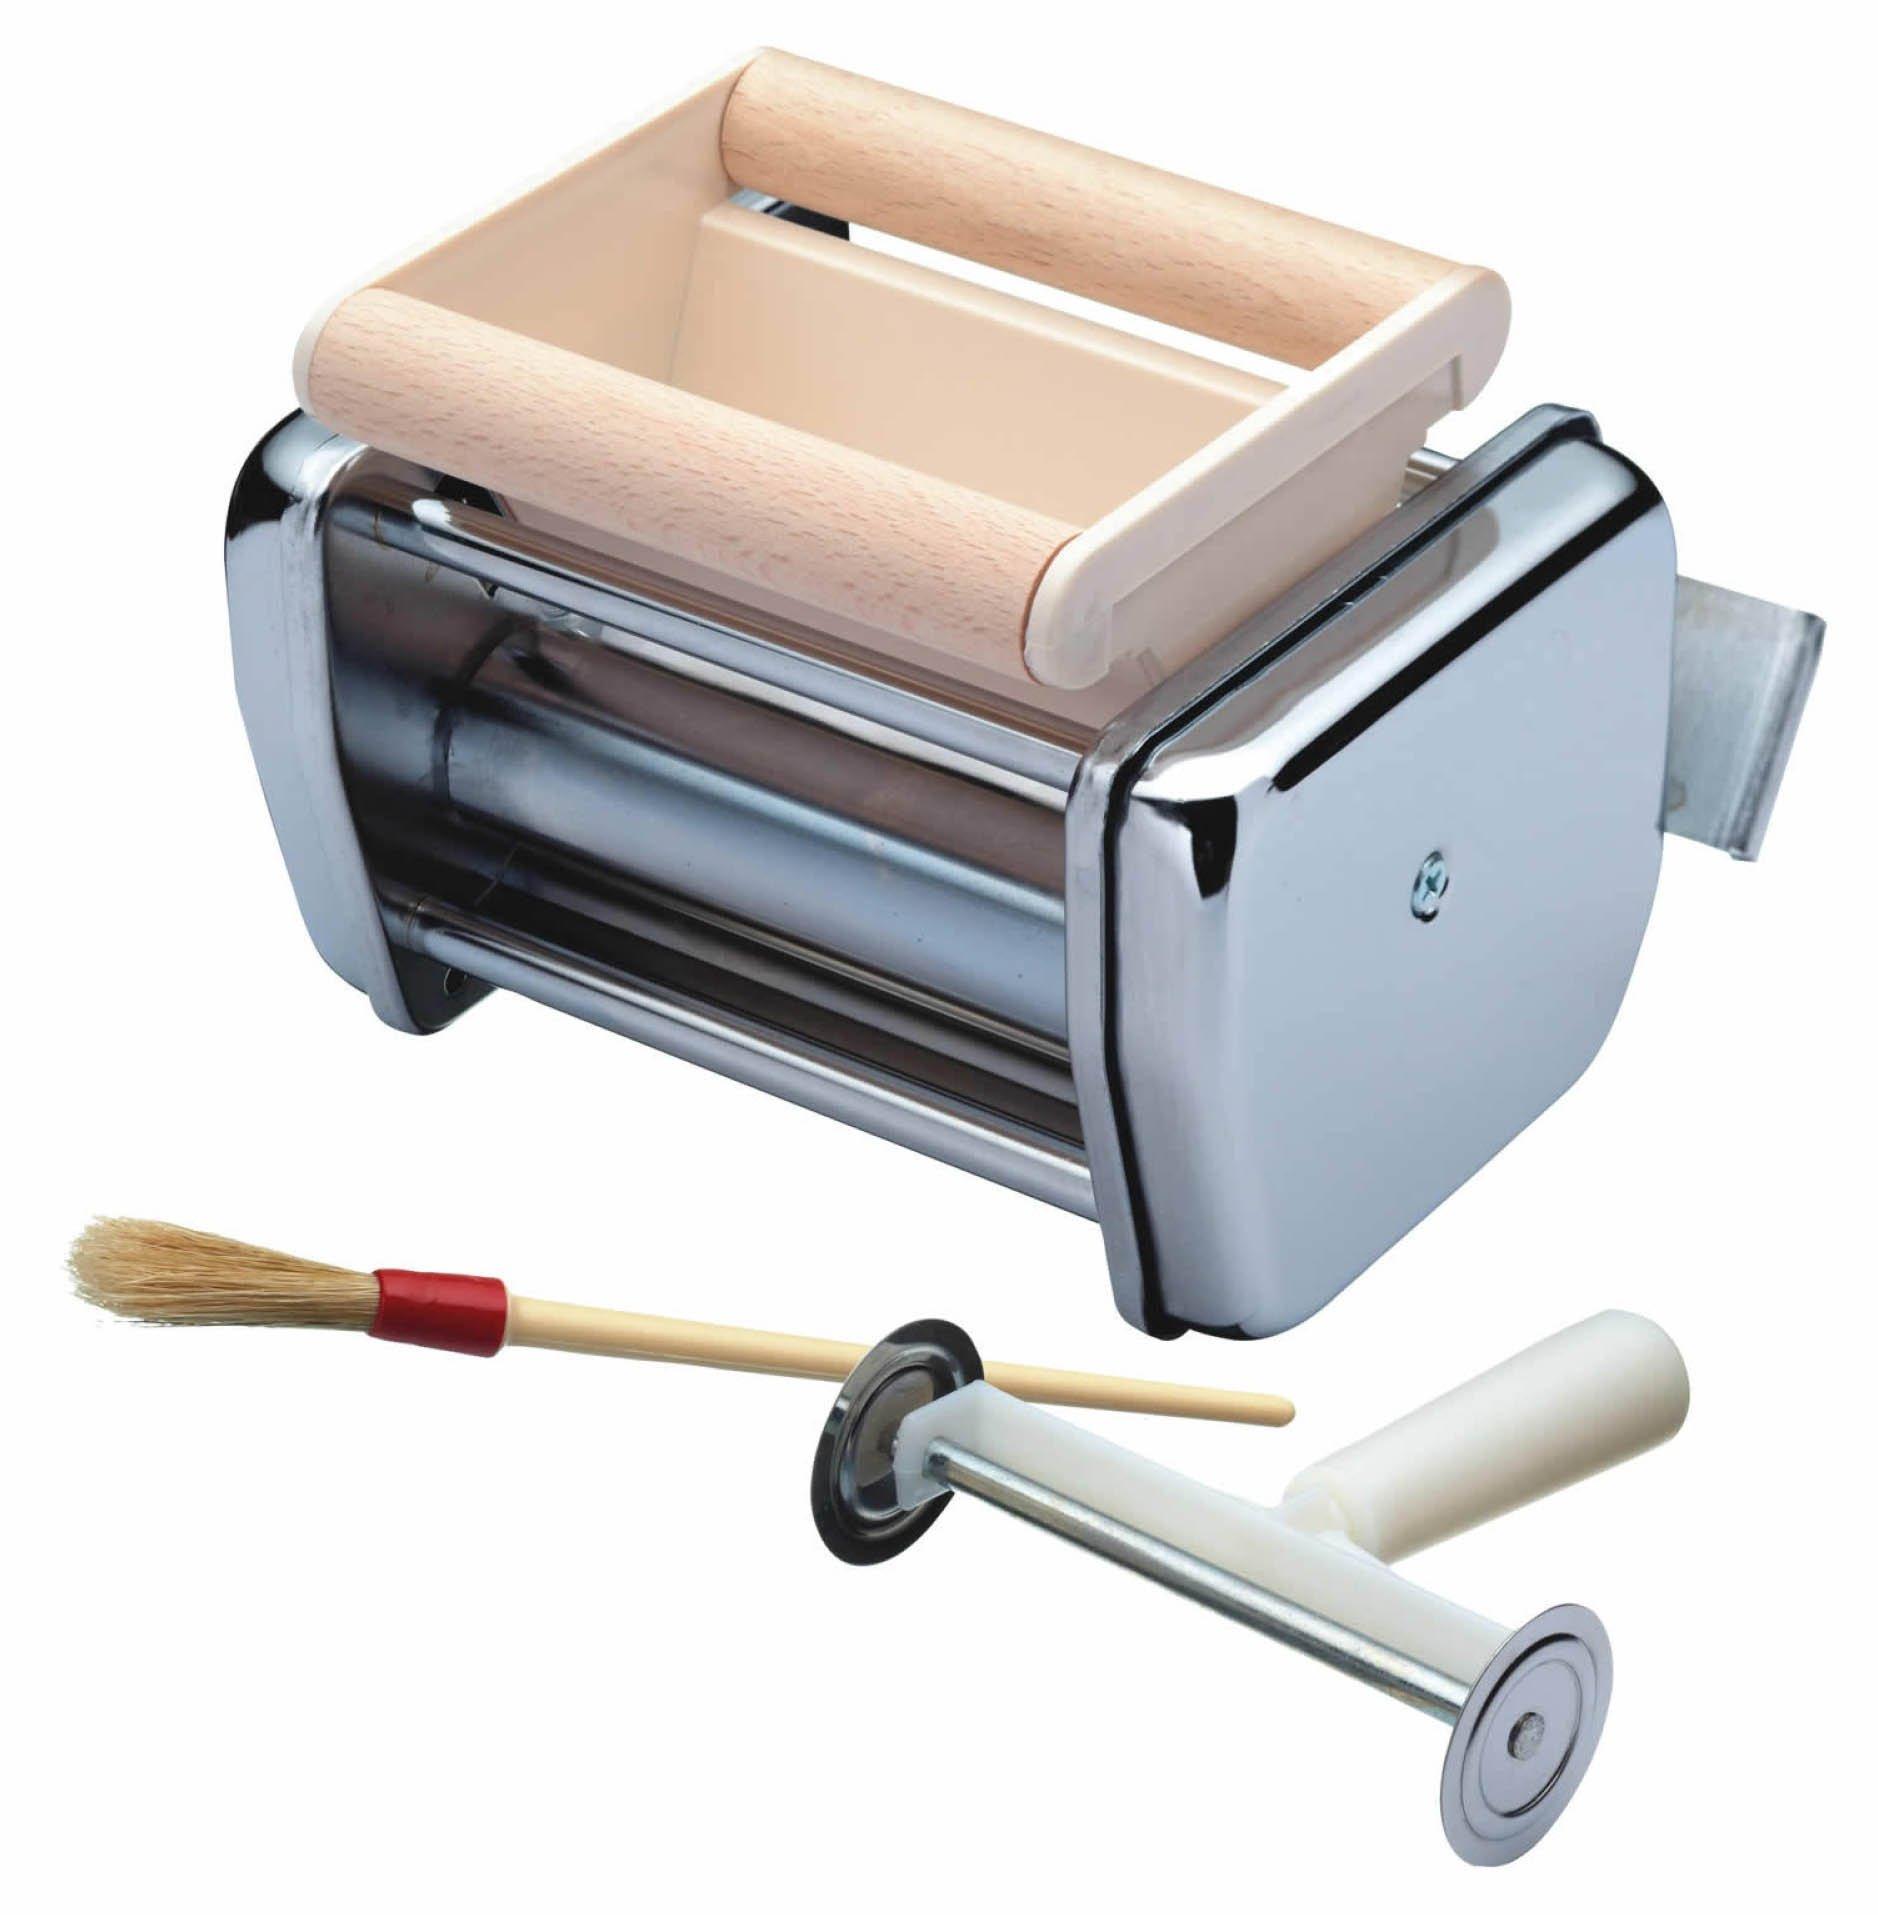 attachments for imperia pasta machine